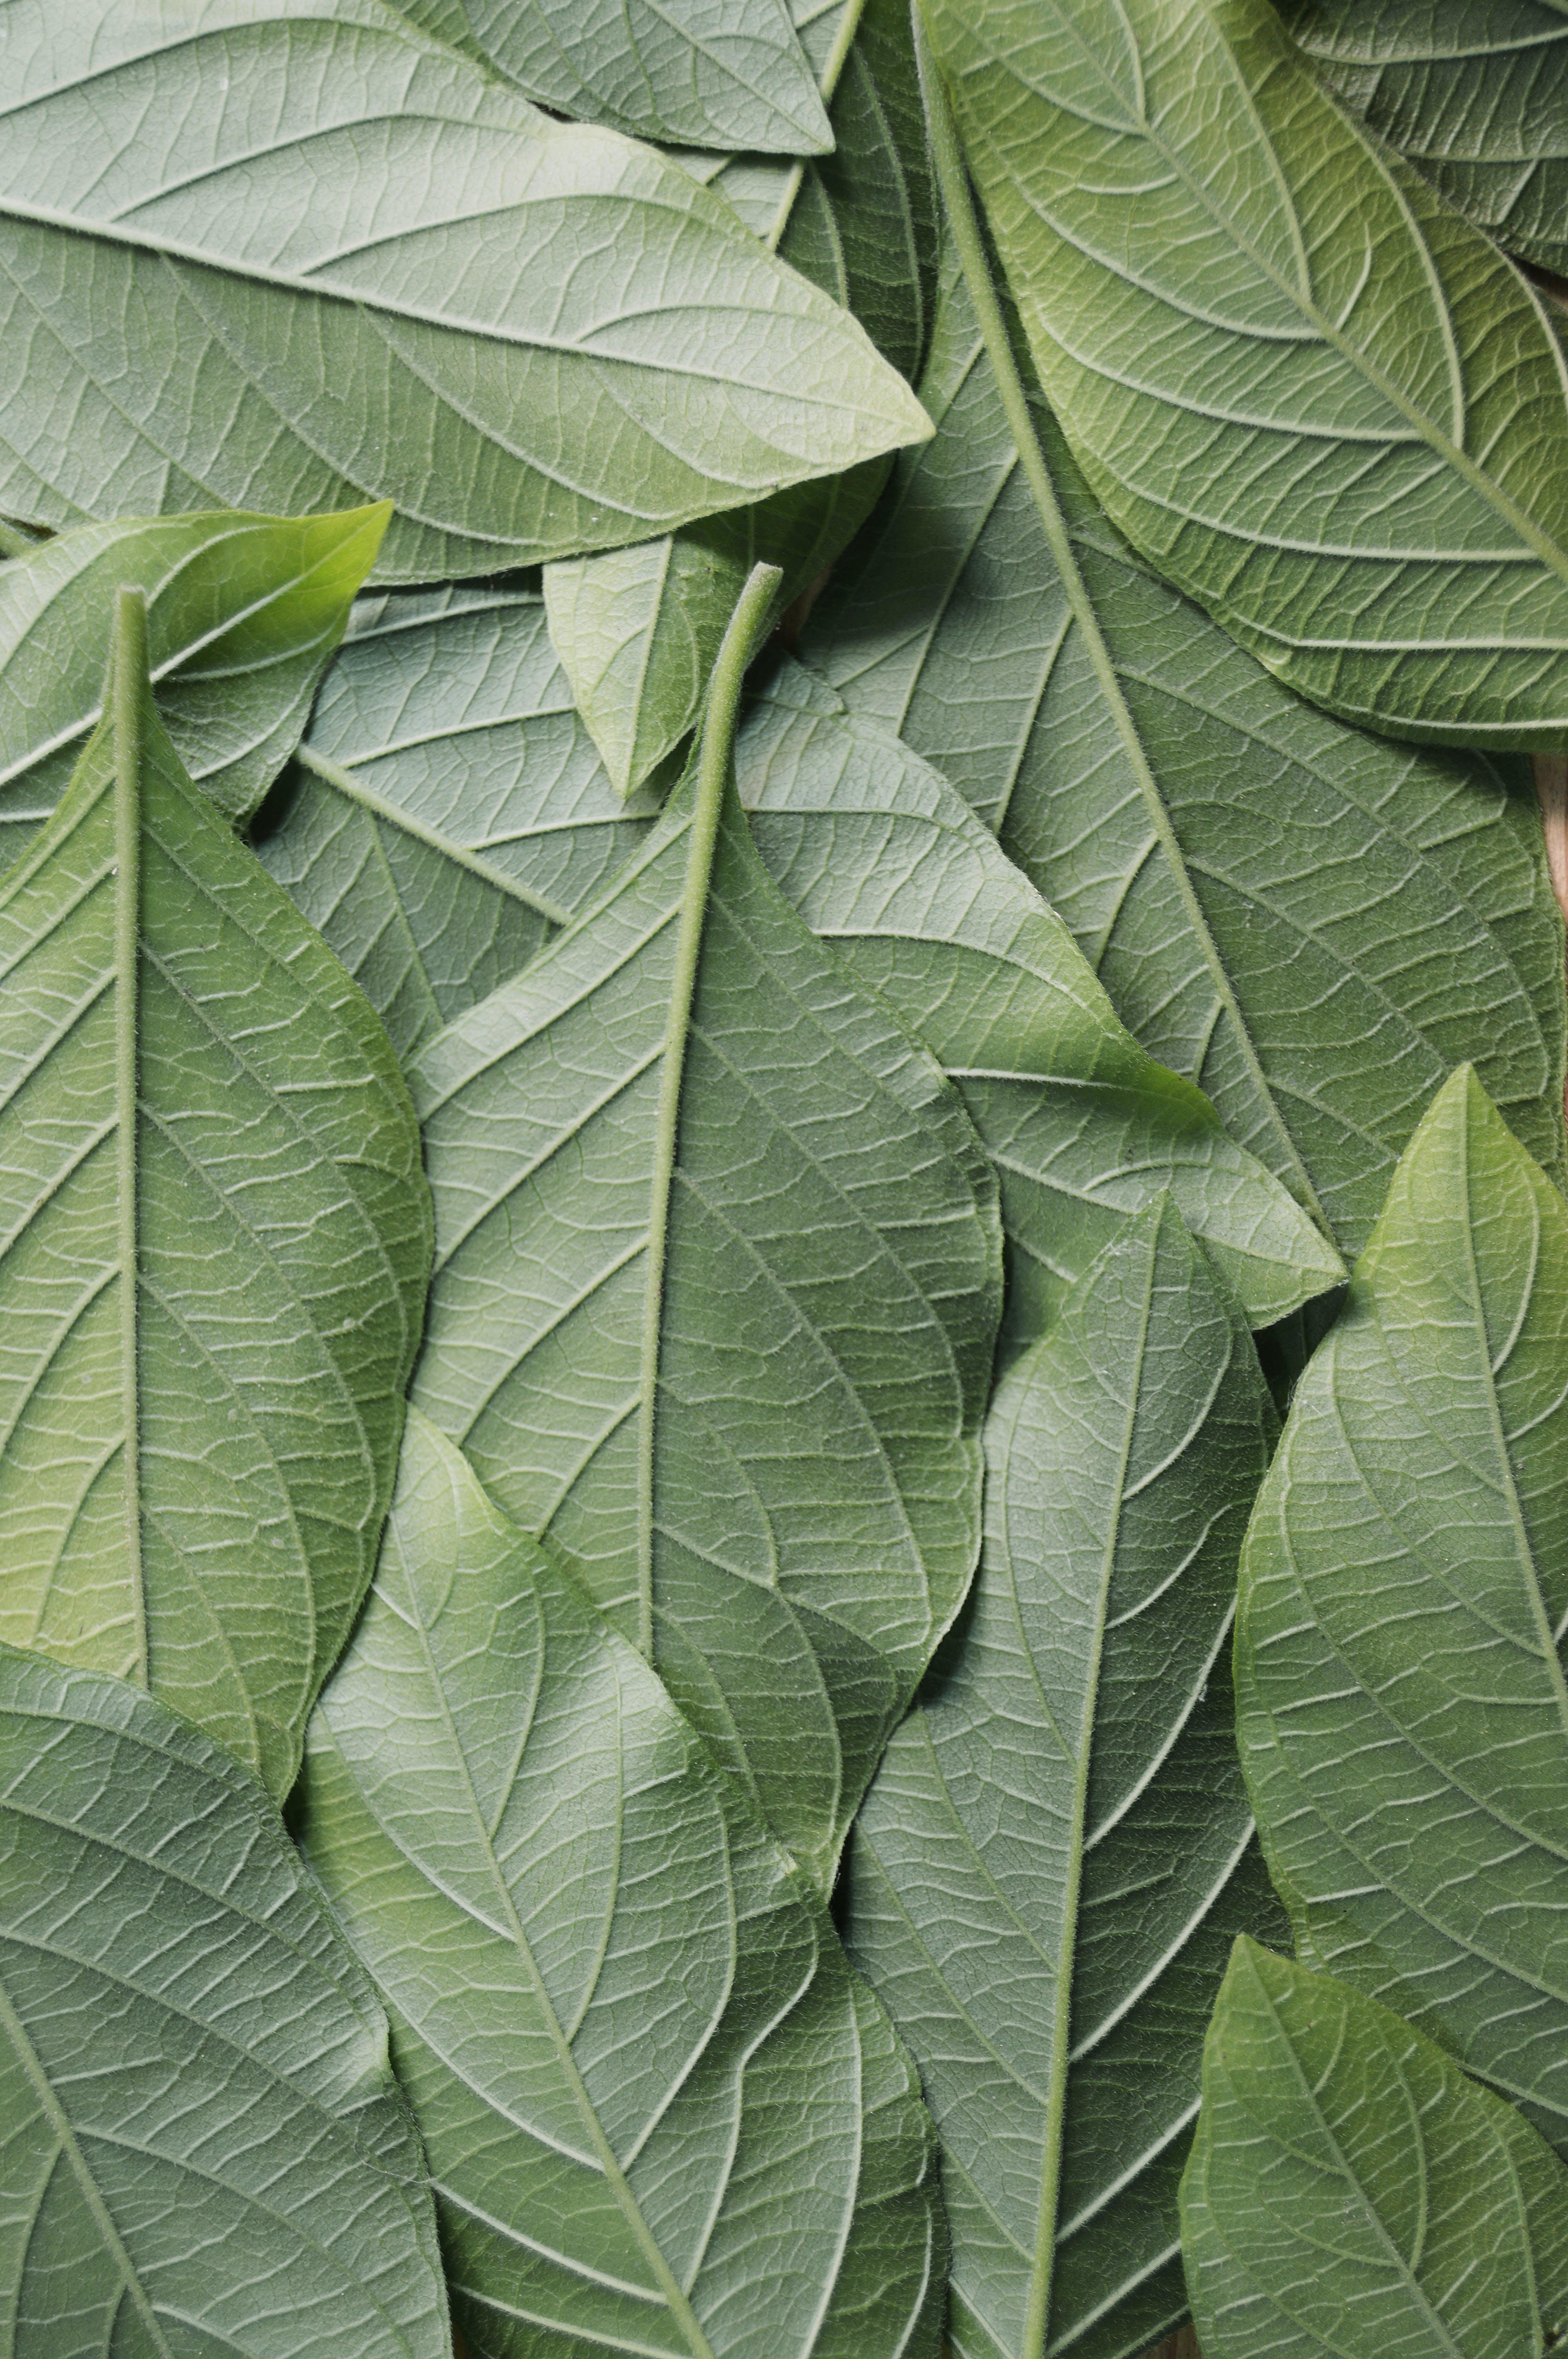 Gratis lagerfoto af Botanisk, close-up, grøn, miljø